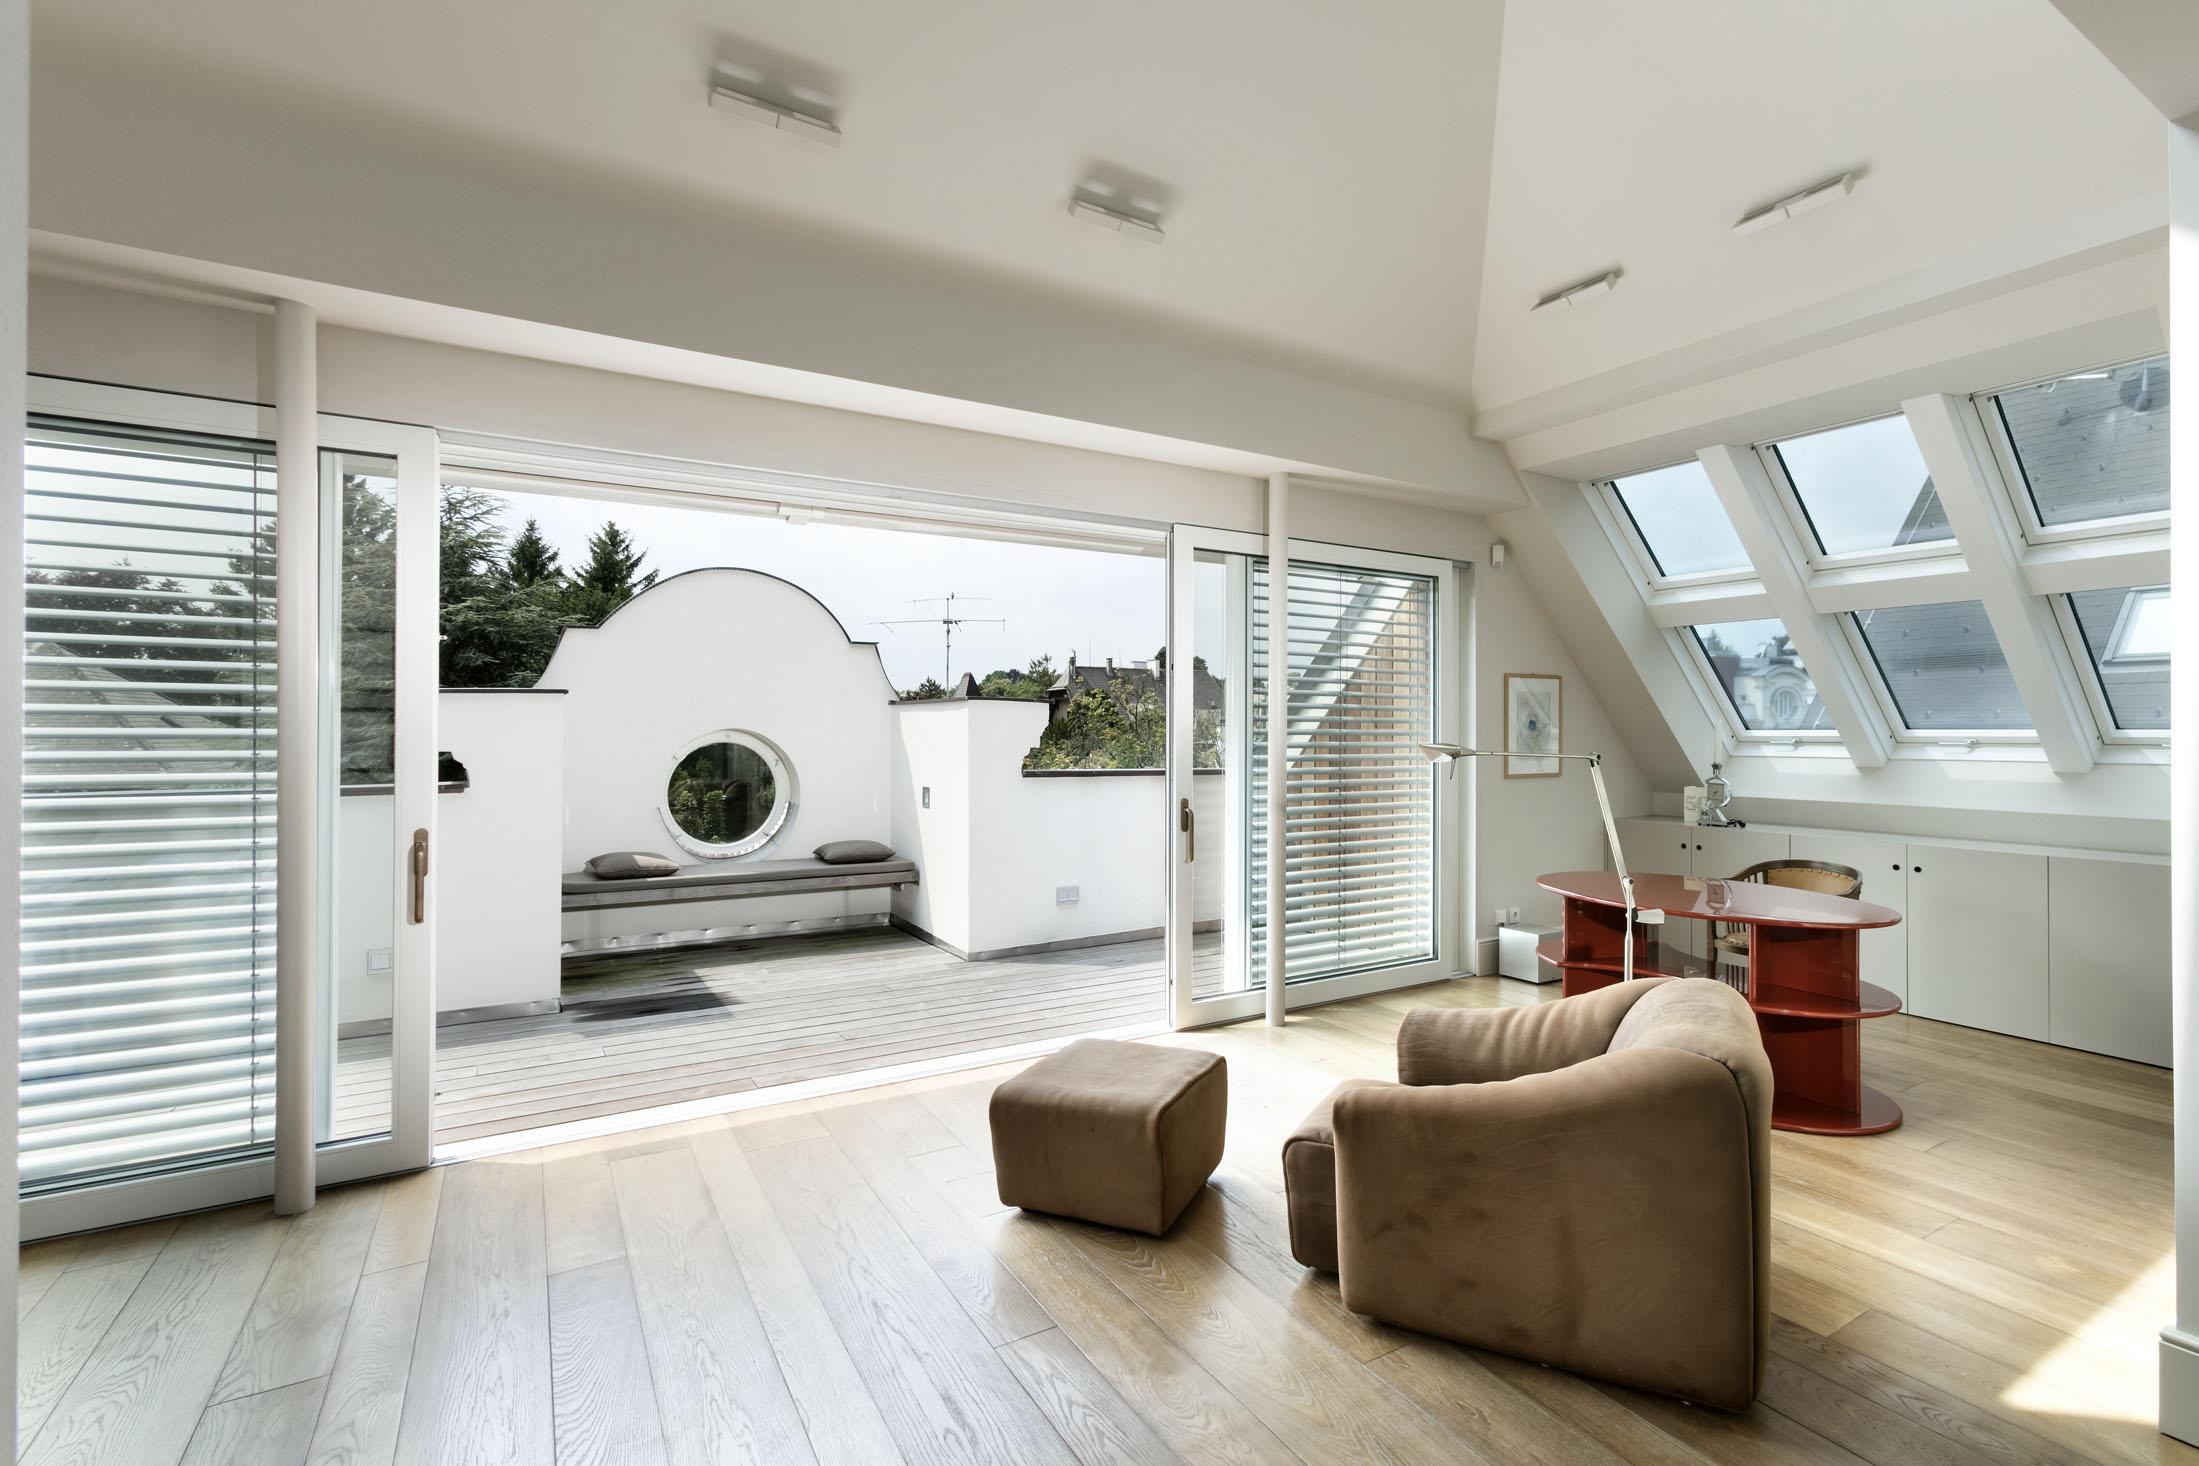 una poltrona in un salotto ben illuminato da vetrate